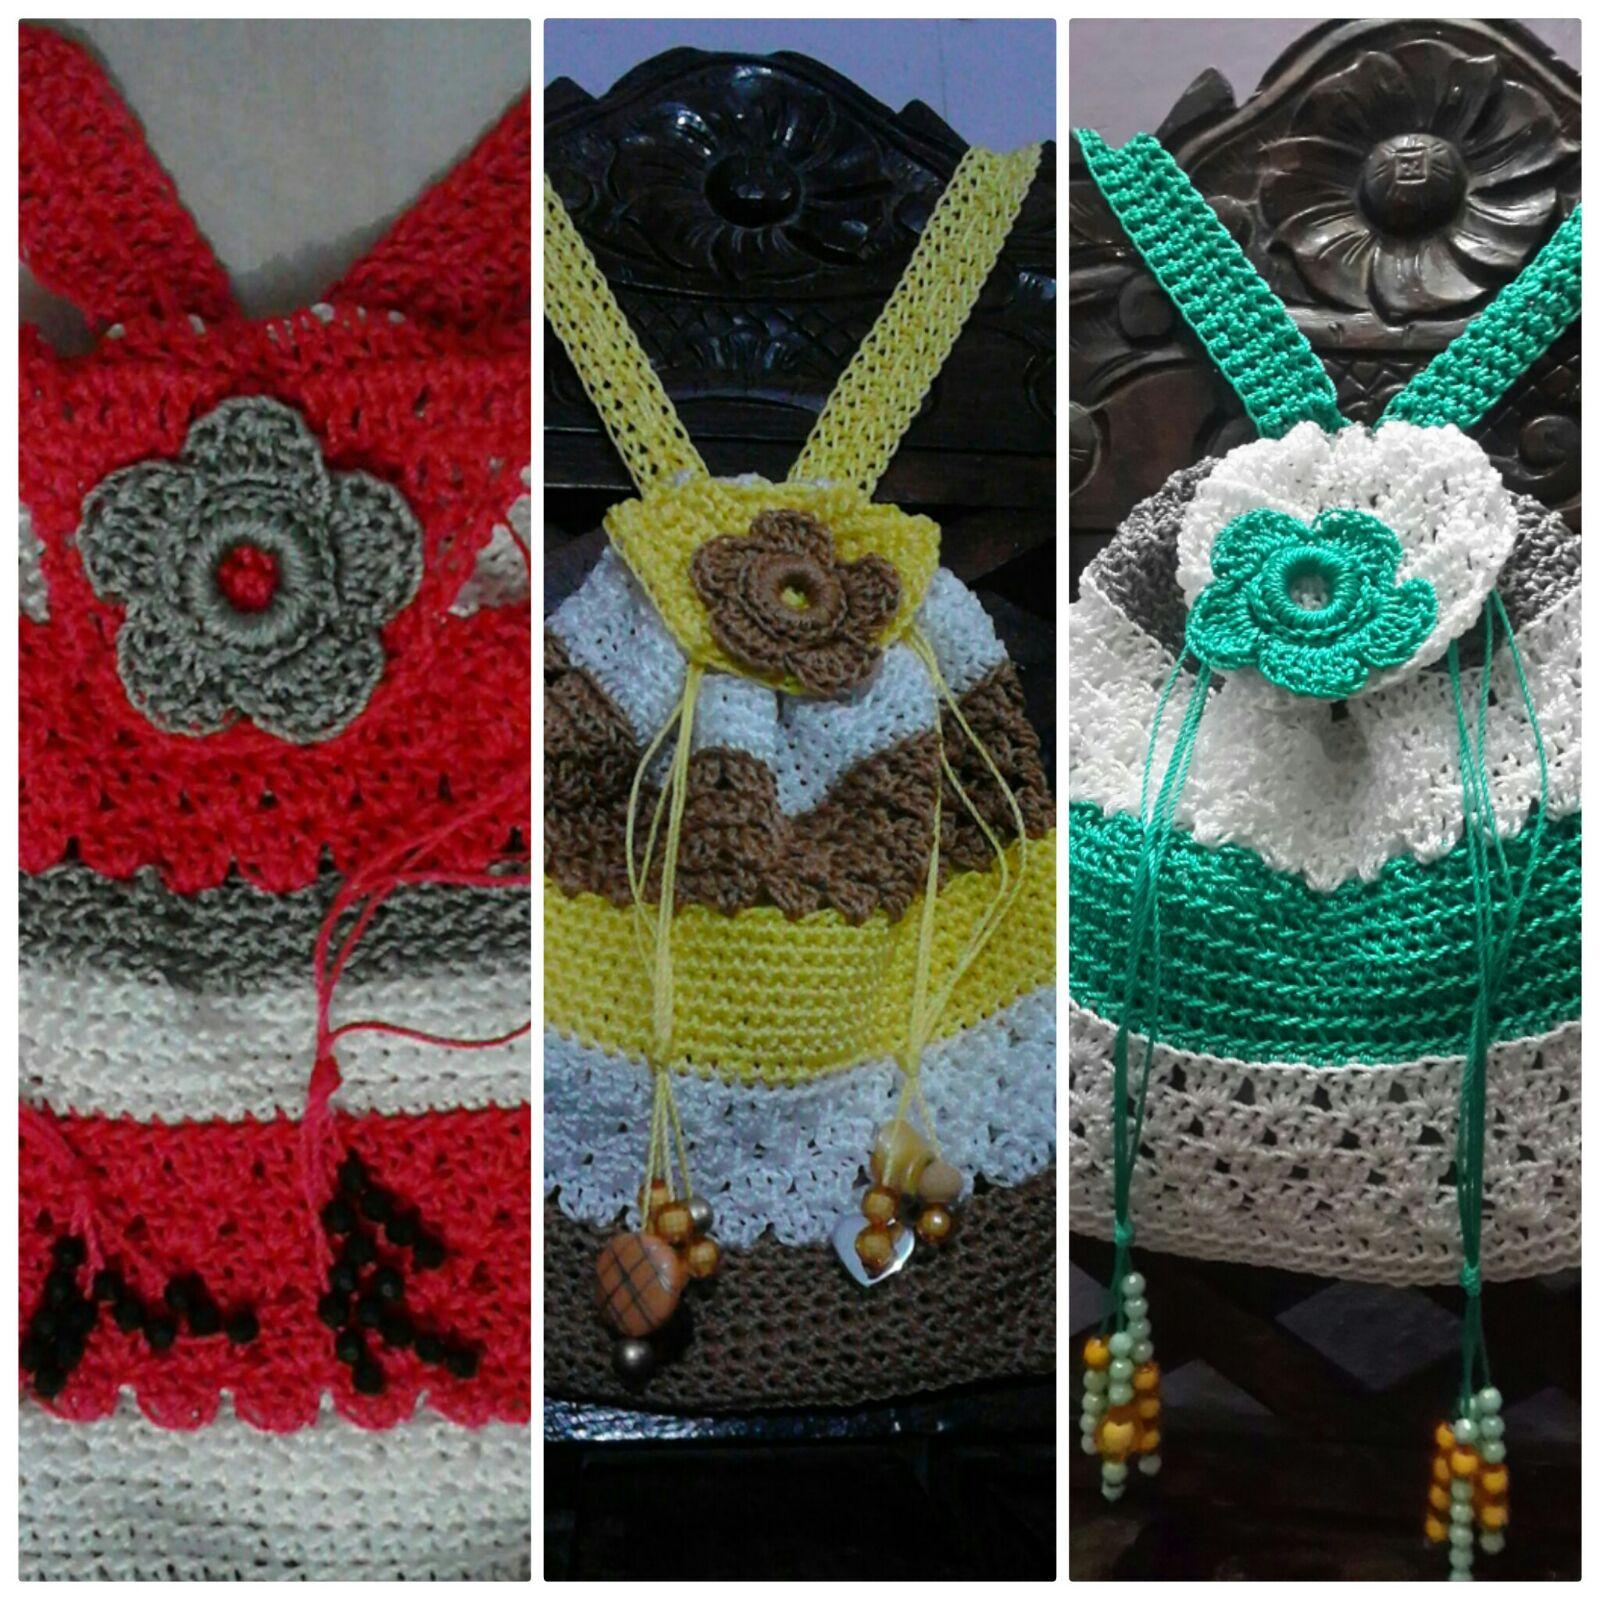 Bolso tejido al crochet en Hilo de Nylon, cuentas como adorno, con varios contornos.